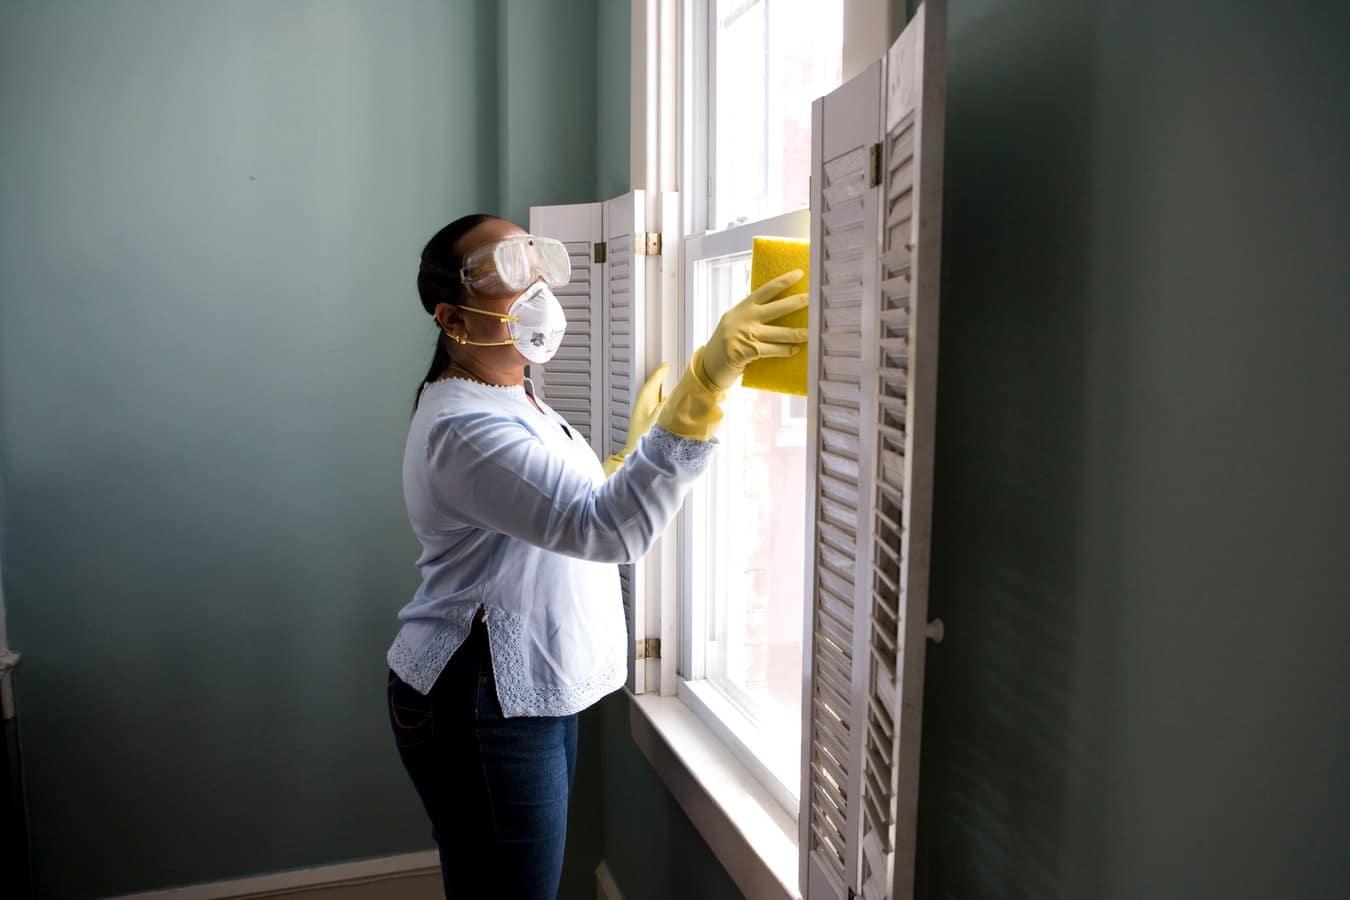 Una mujer limpia una casa equipada con mascarilla y gafas puestas.